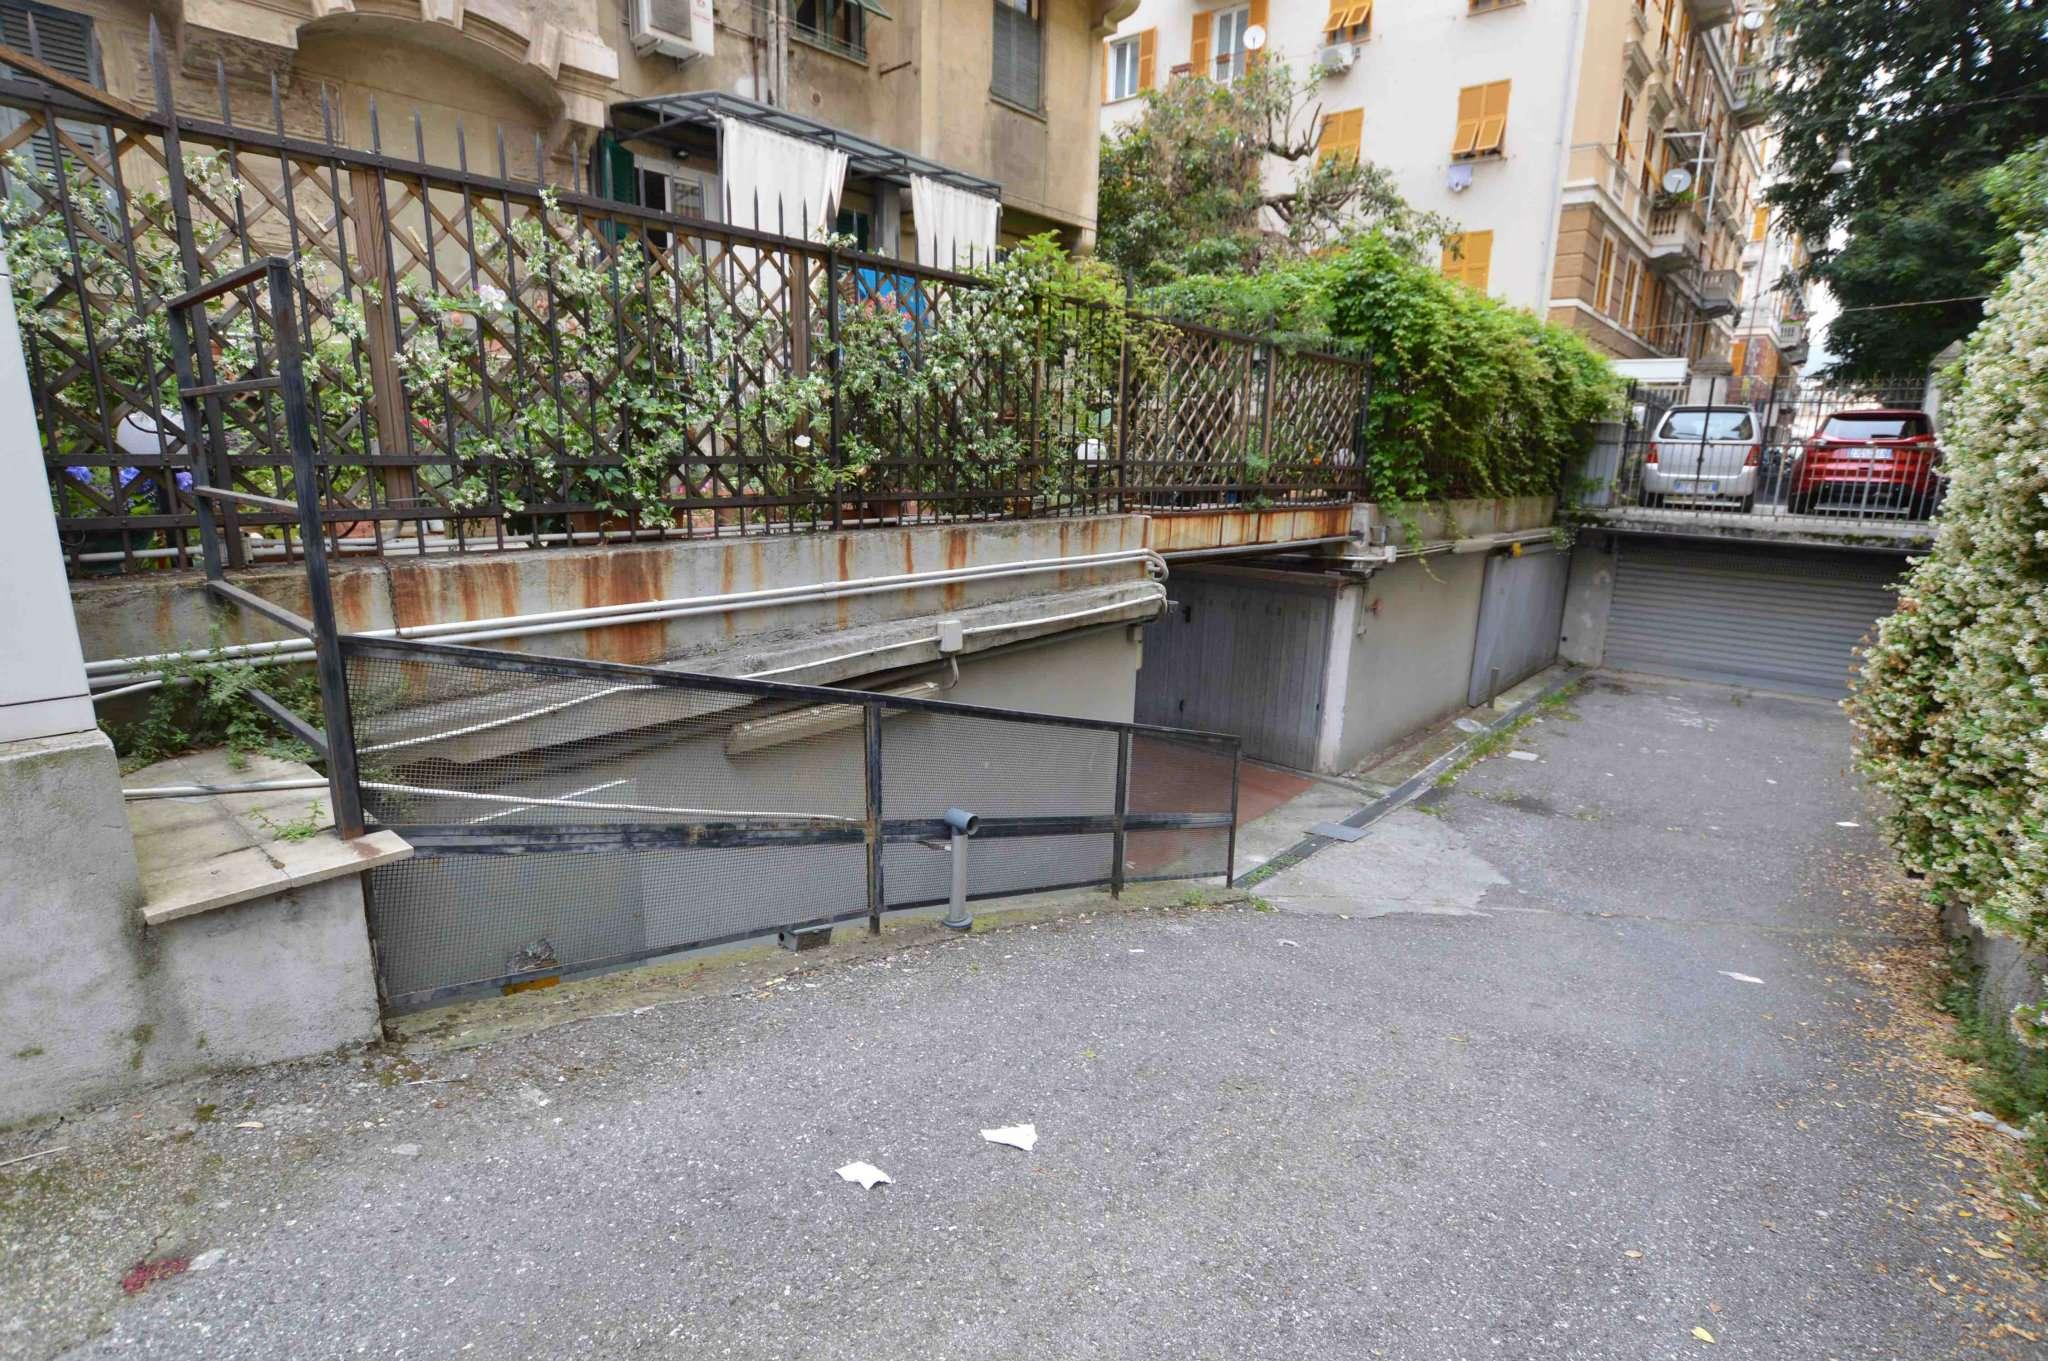 Foto 1 di Box / Garage via Teodosia, Genova (zona Carignano, Castelletto, Albaro, Foce)